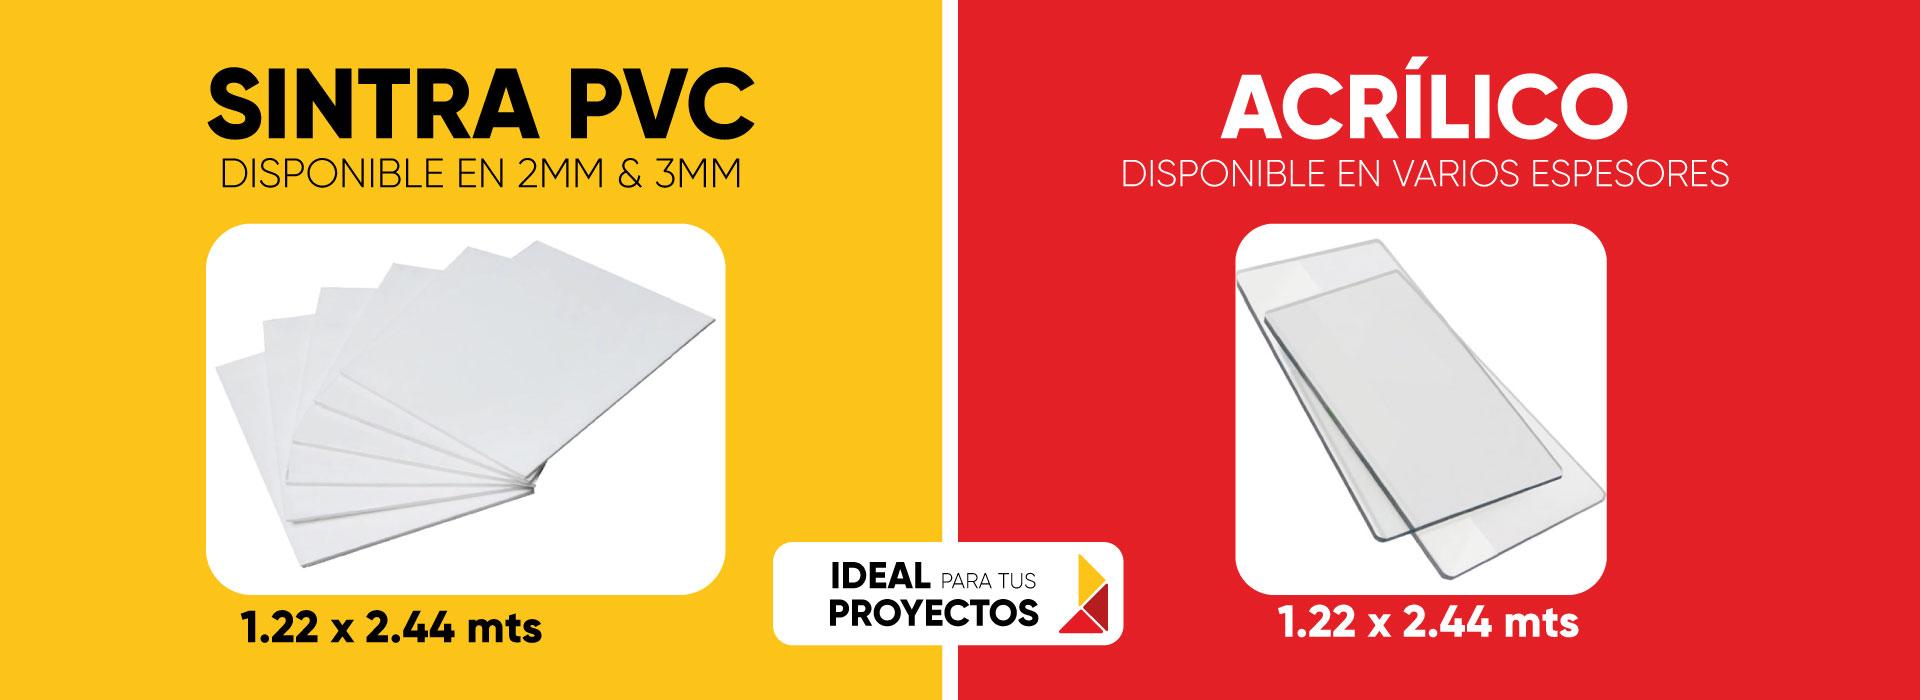 Sintra_pvc_y_acrilico_publicidad